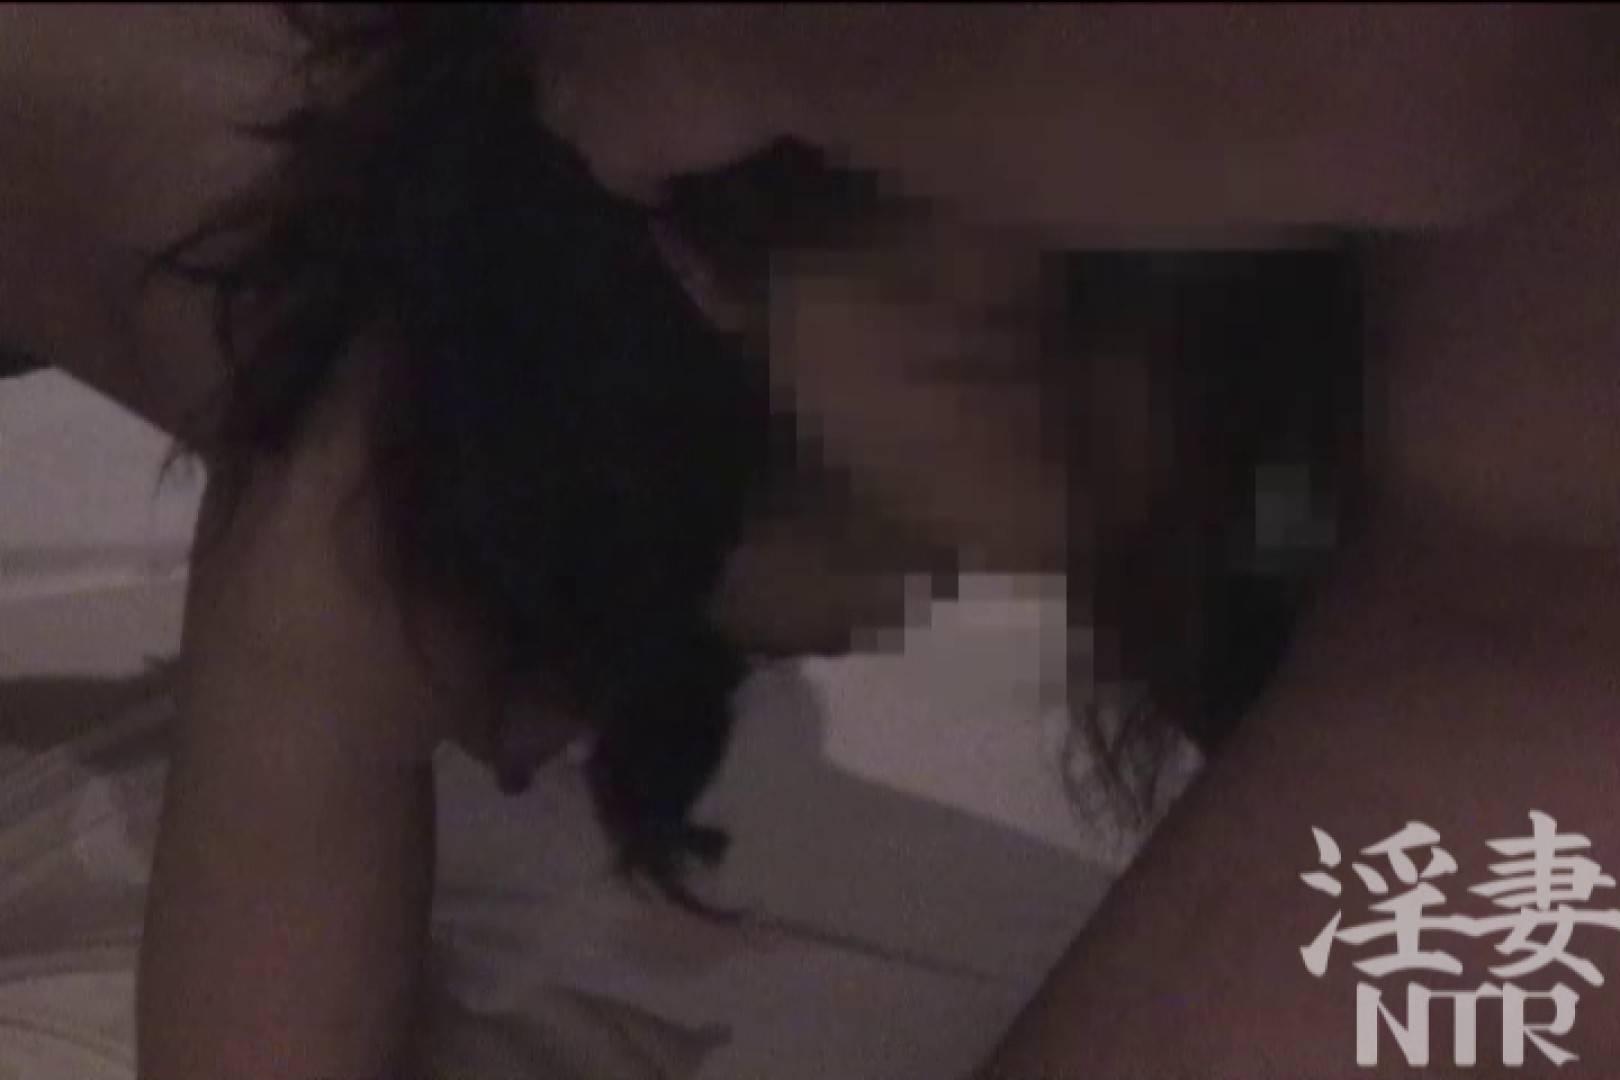 淫乱彩女 麻優里 彼氏2人と旦那の同僚と 3Pプレイ ワレメ無修正動画無料 80pic 69